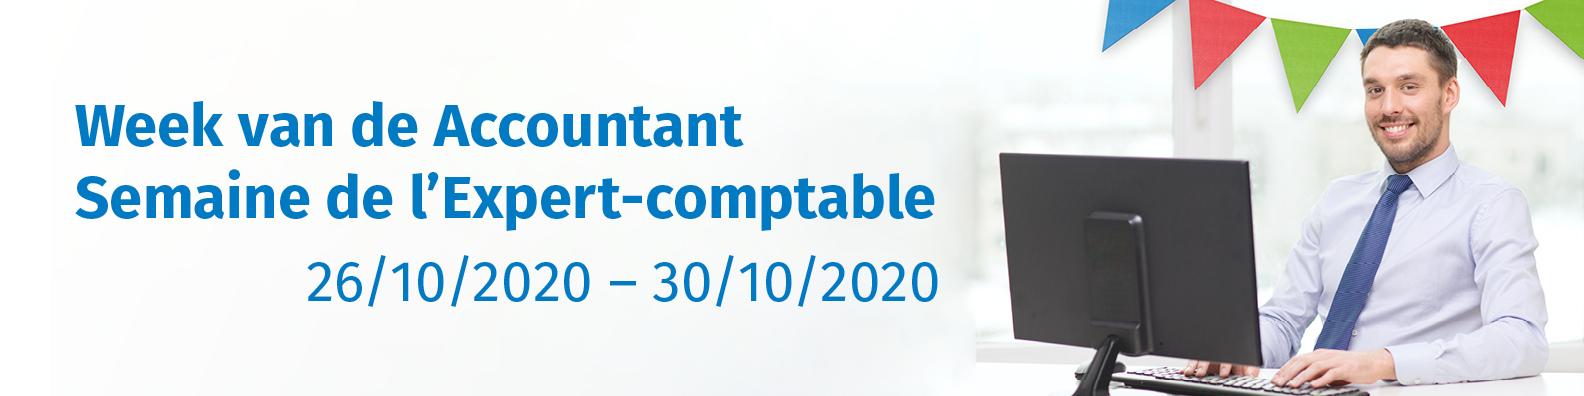 Devenez le bureau comptable le plus intelligent de Belgique durant la Semaine de l'Expert-comptable